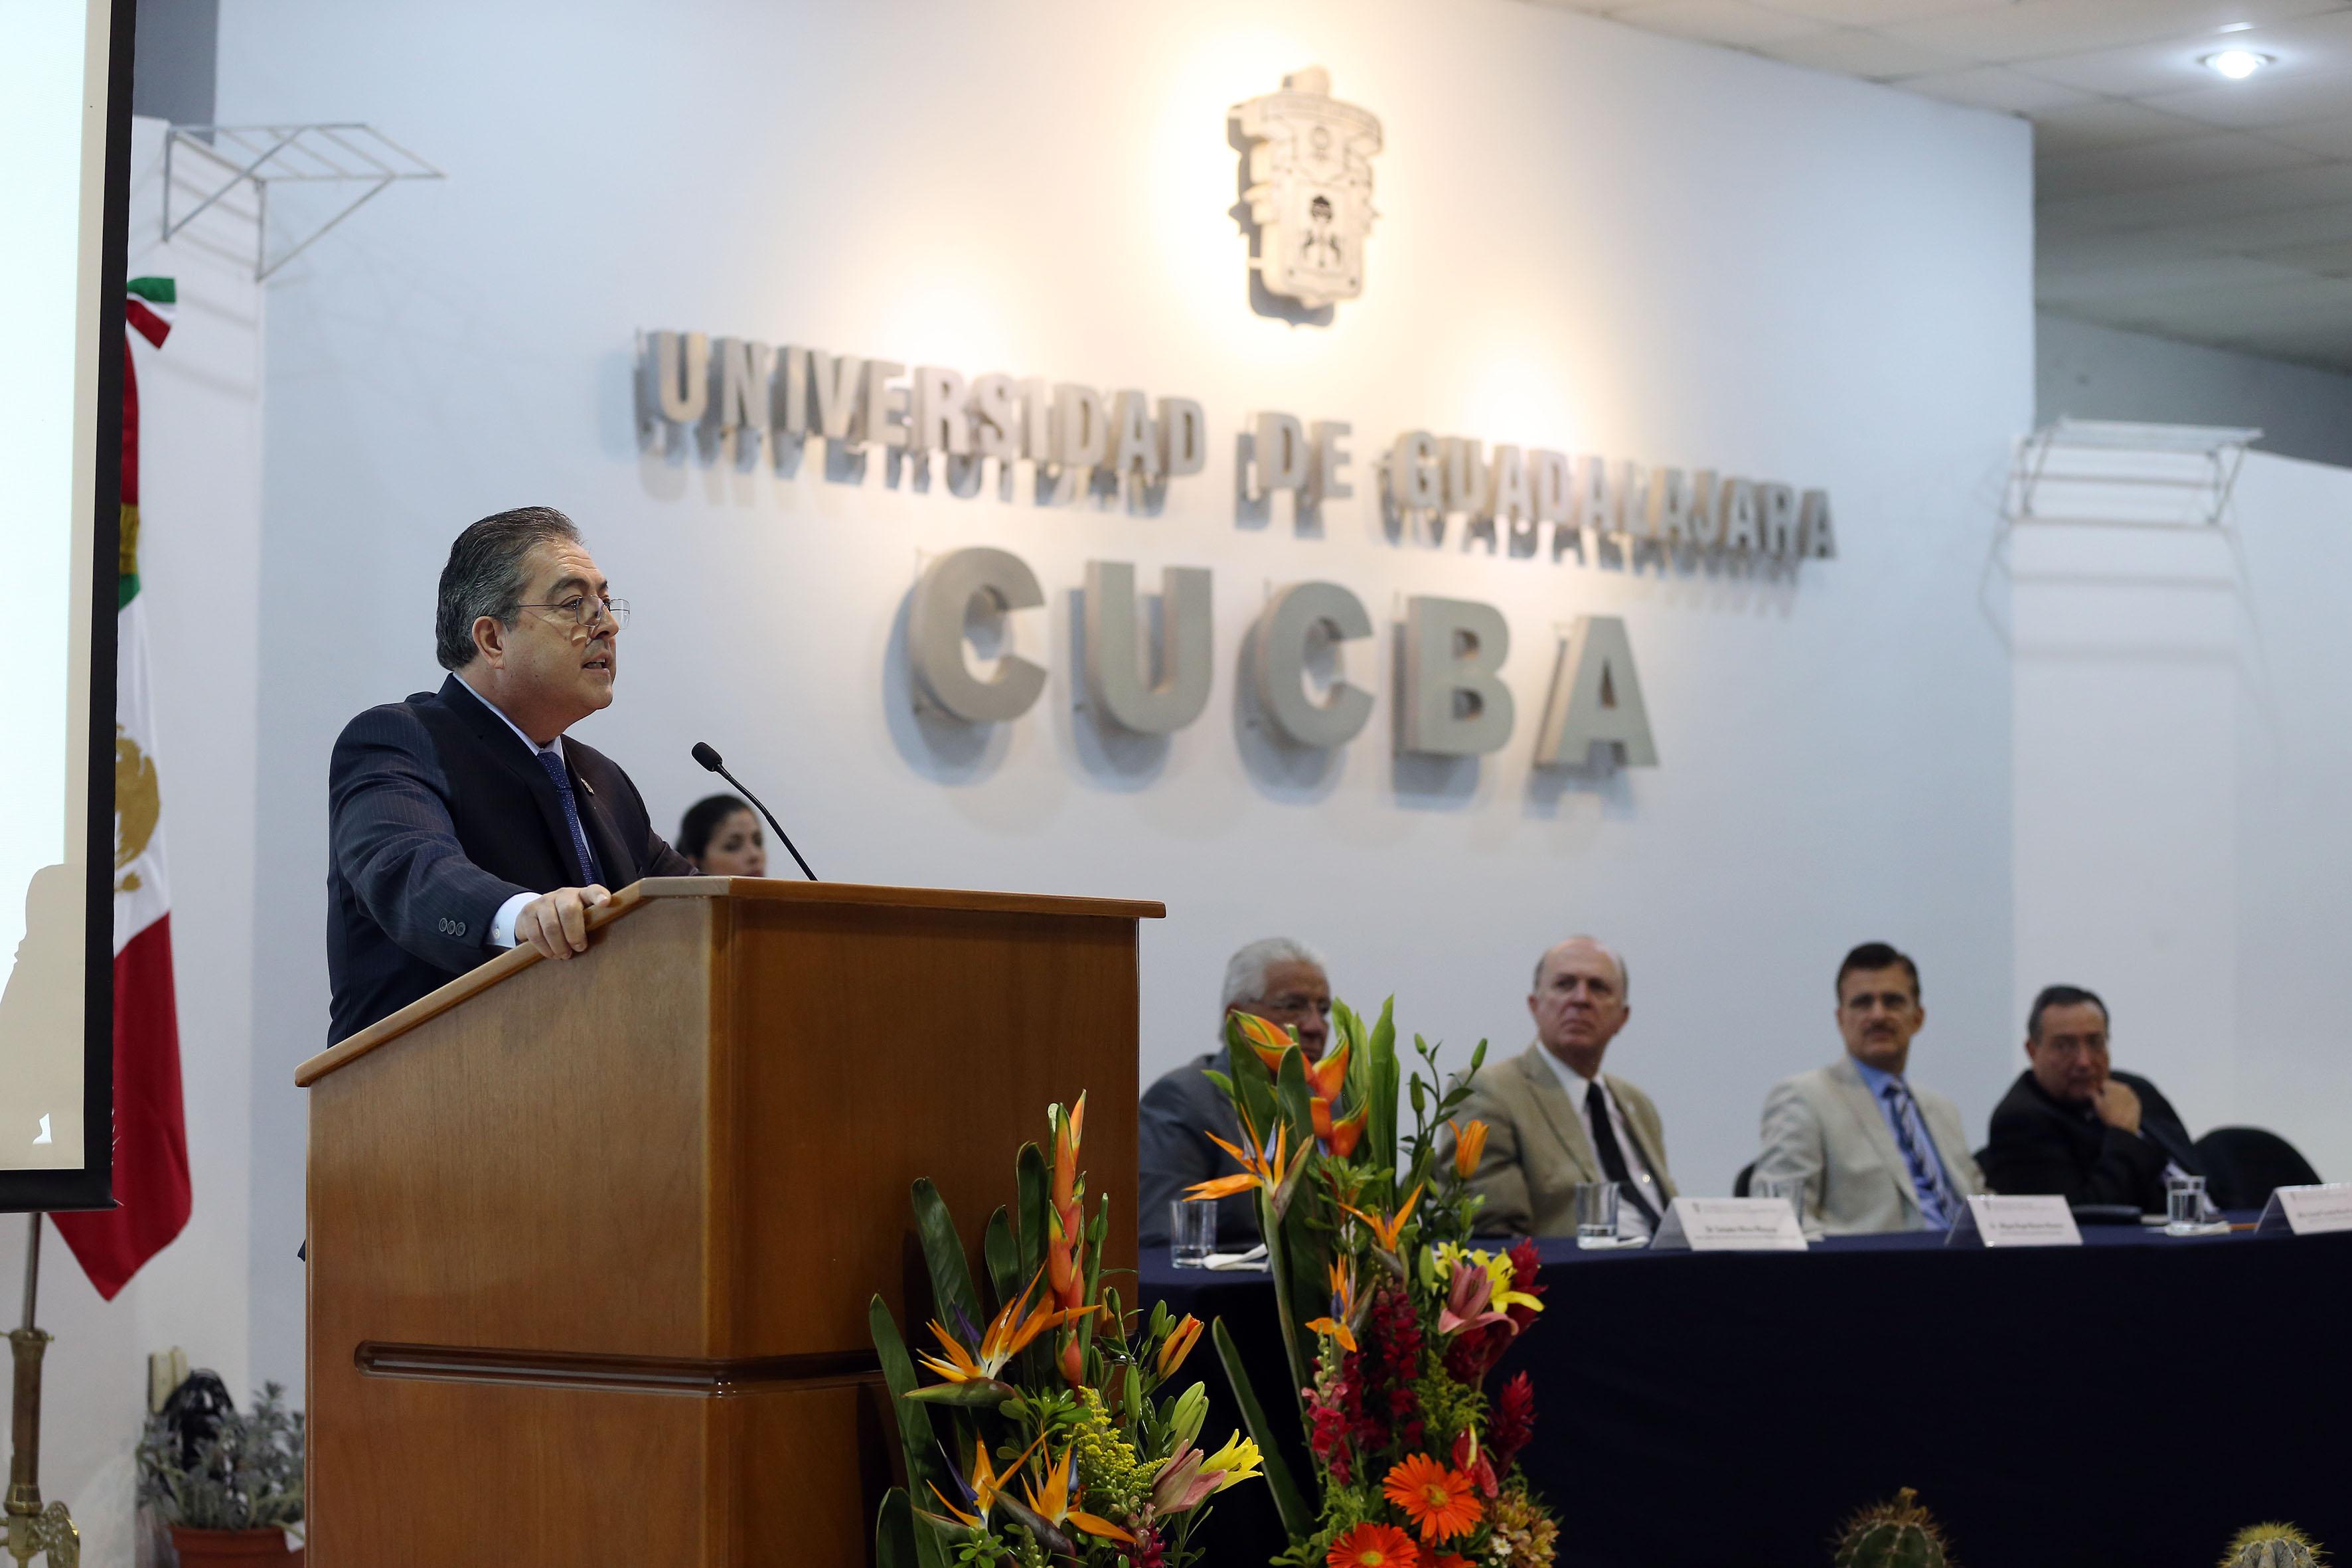 Doctor Carlos Beas Zárate, Rector del CUCBA, con micrófono en podium, haciendo uso de la palabra.